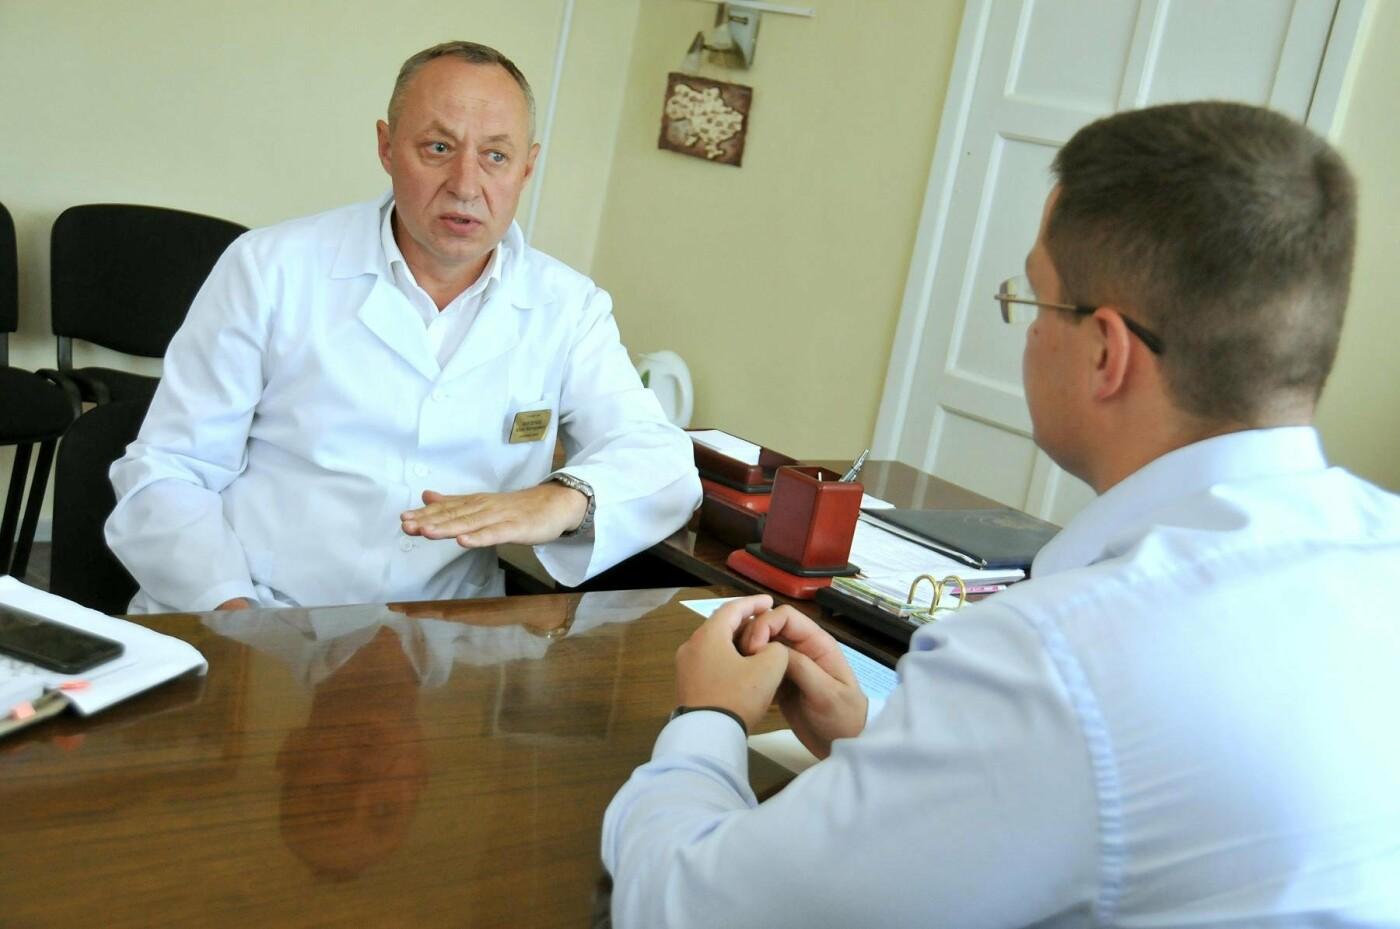 Владислав Марченко: Через месяц в областной детской больнице начнется демонтаж и строительство нового хирургического блока, фото-1